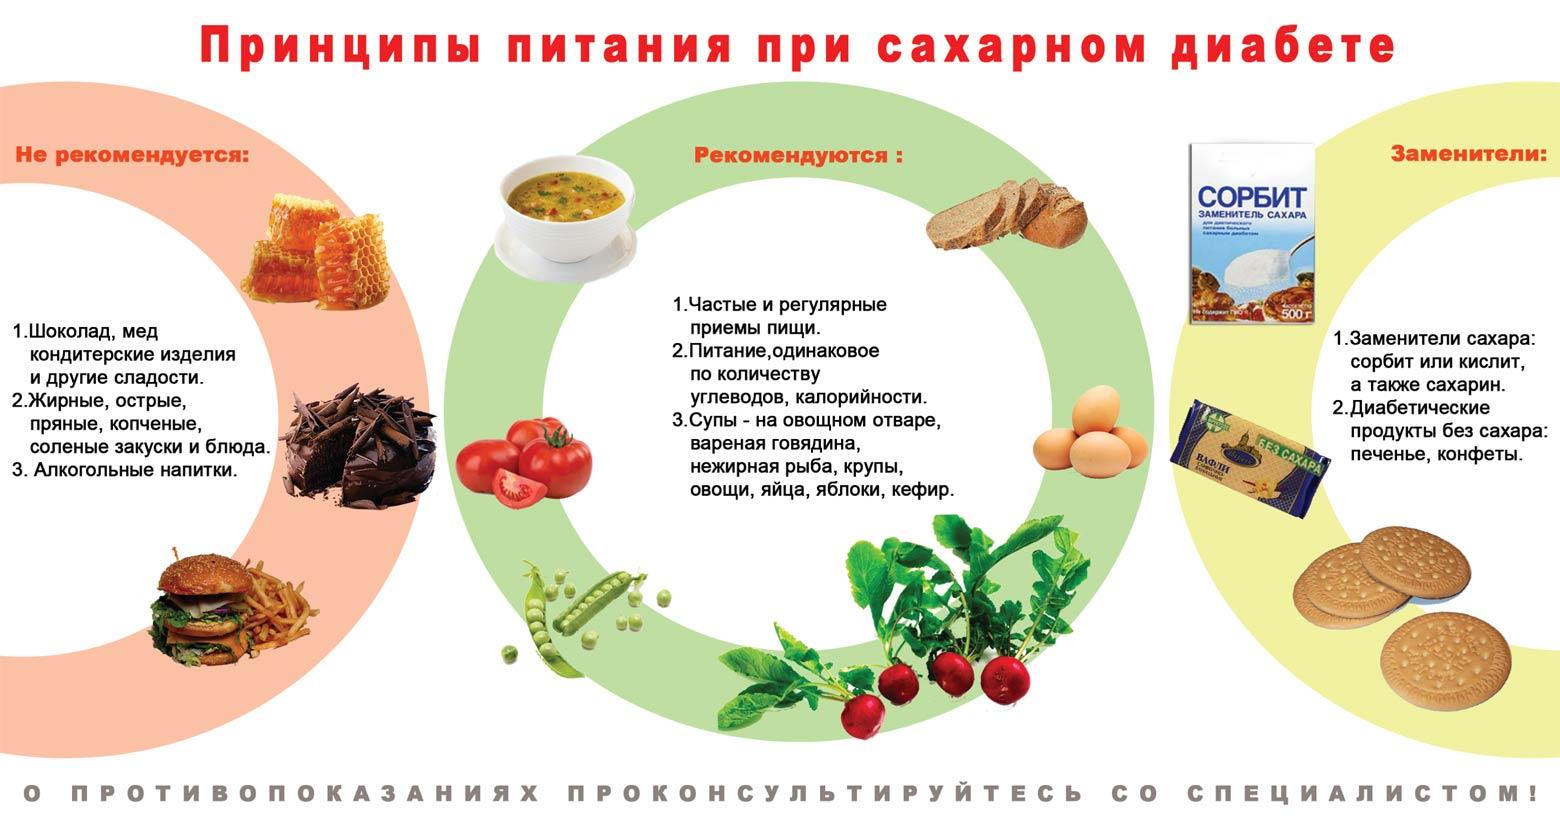 Причины повышения сахара крови человека